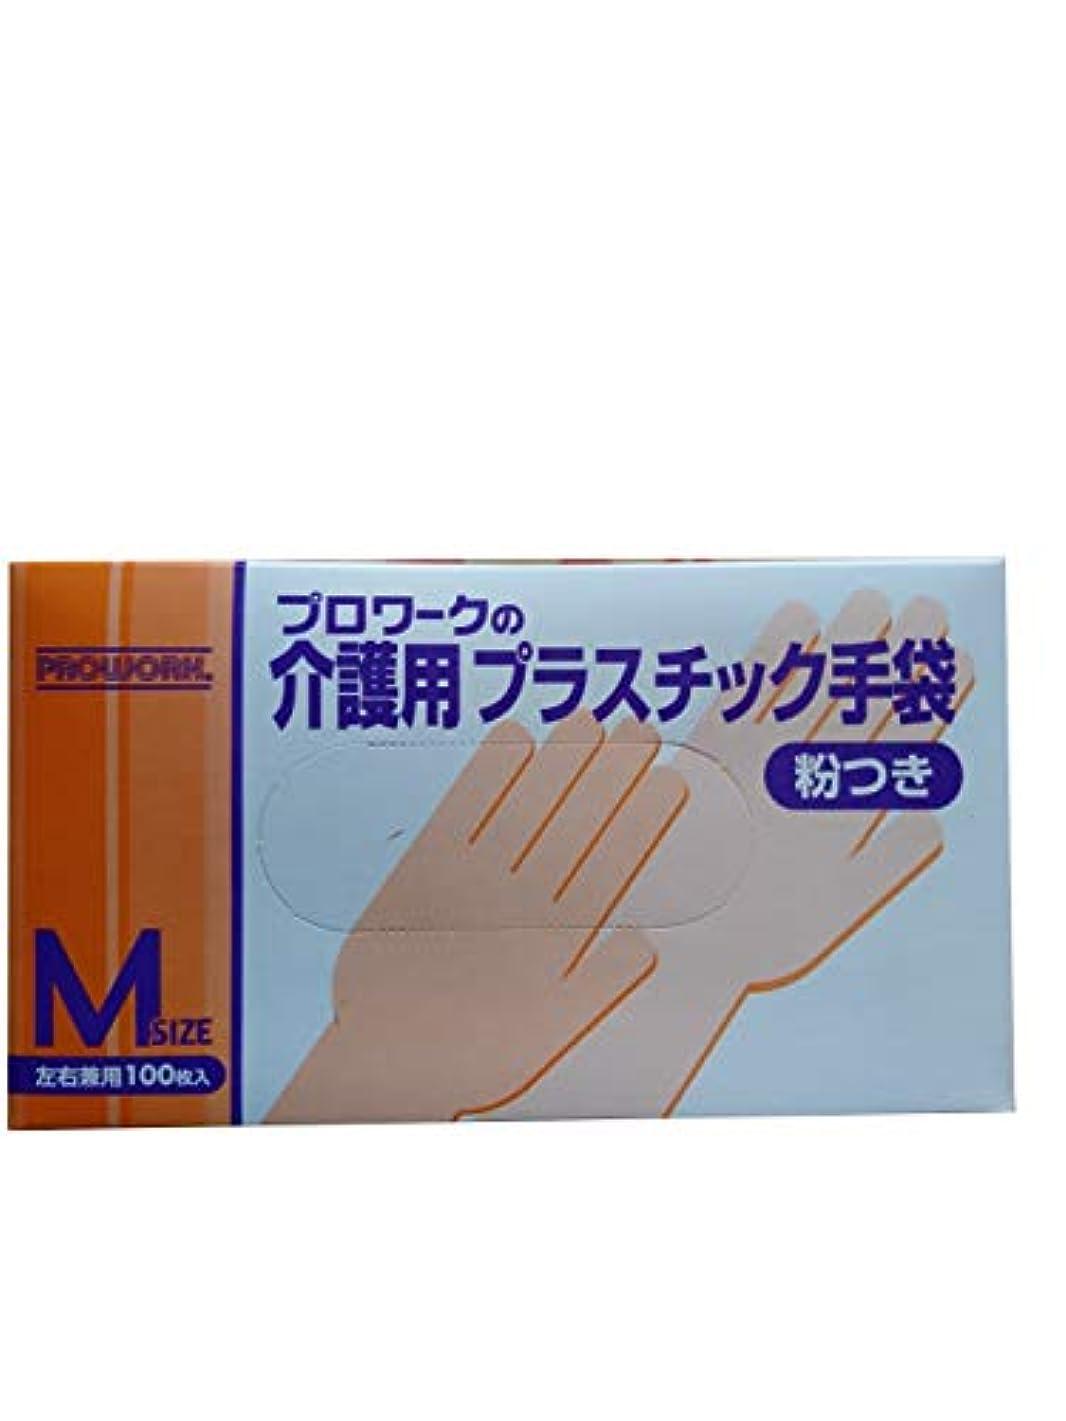 直径貫入雄弁な介護用プラスチック手袋 粉つき Mサイズ 左右兼用100枚入